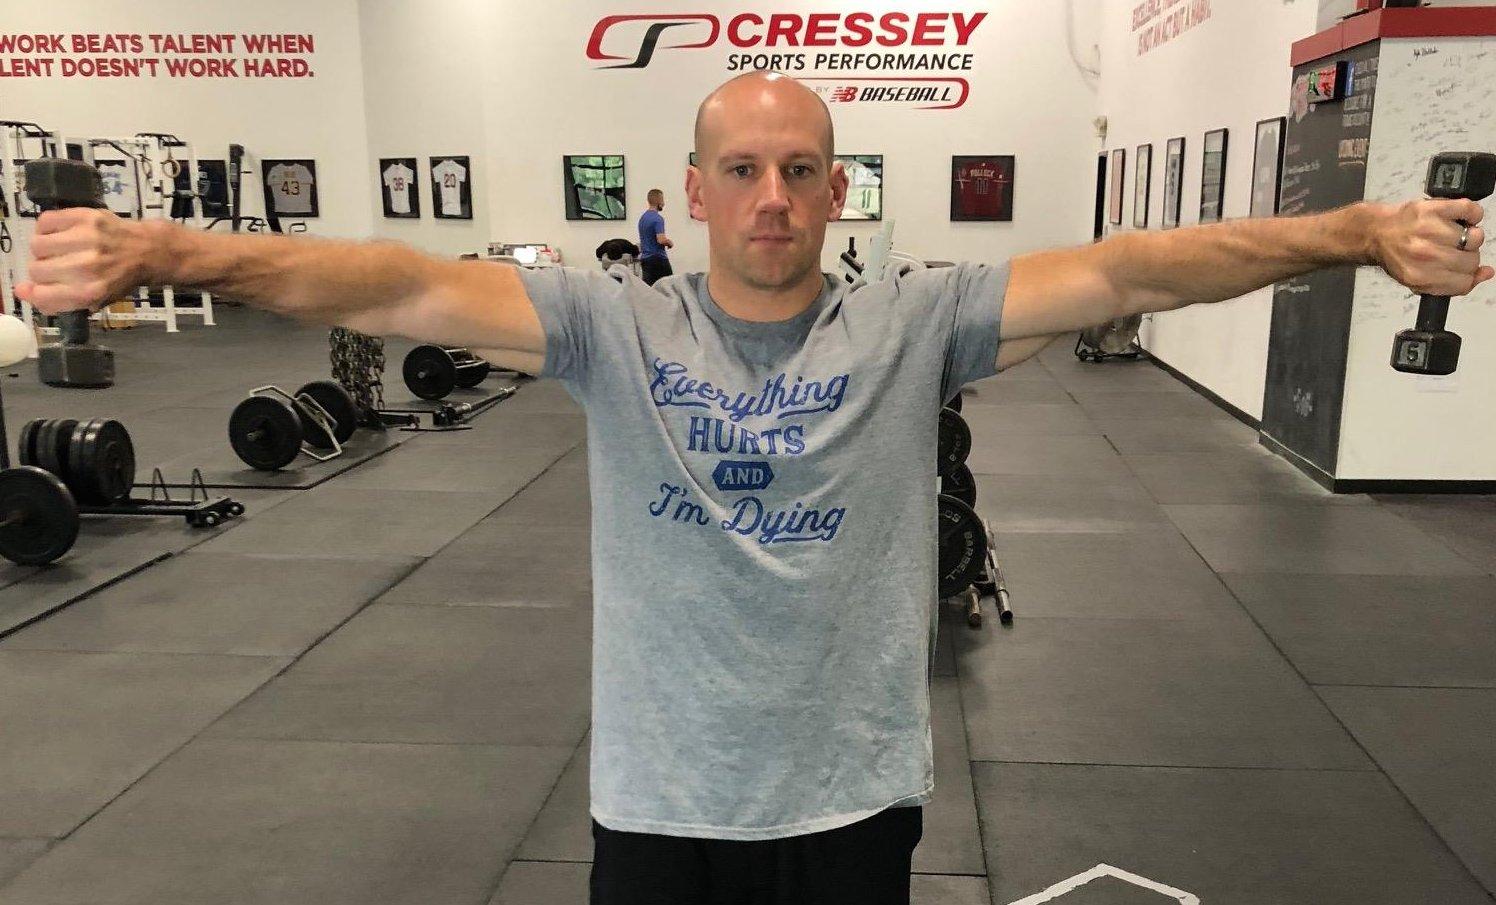 38歲的克雷西是專業的體能師,有開設運動訓練中心。(取材自推特)